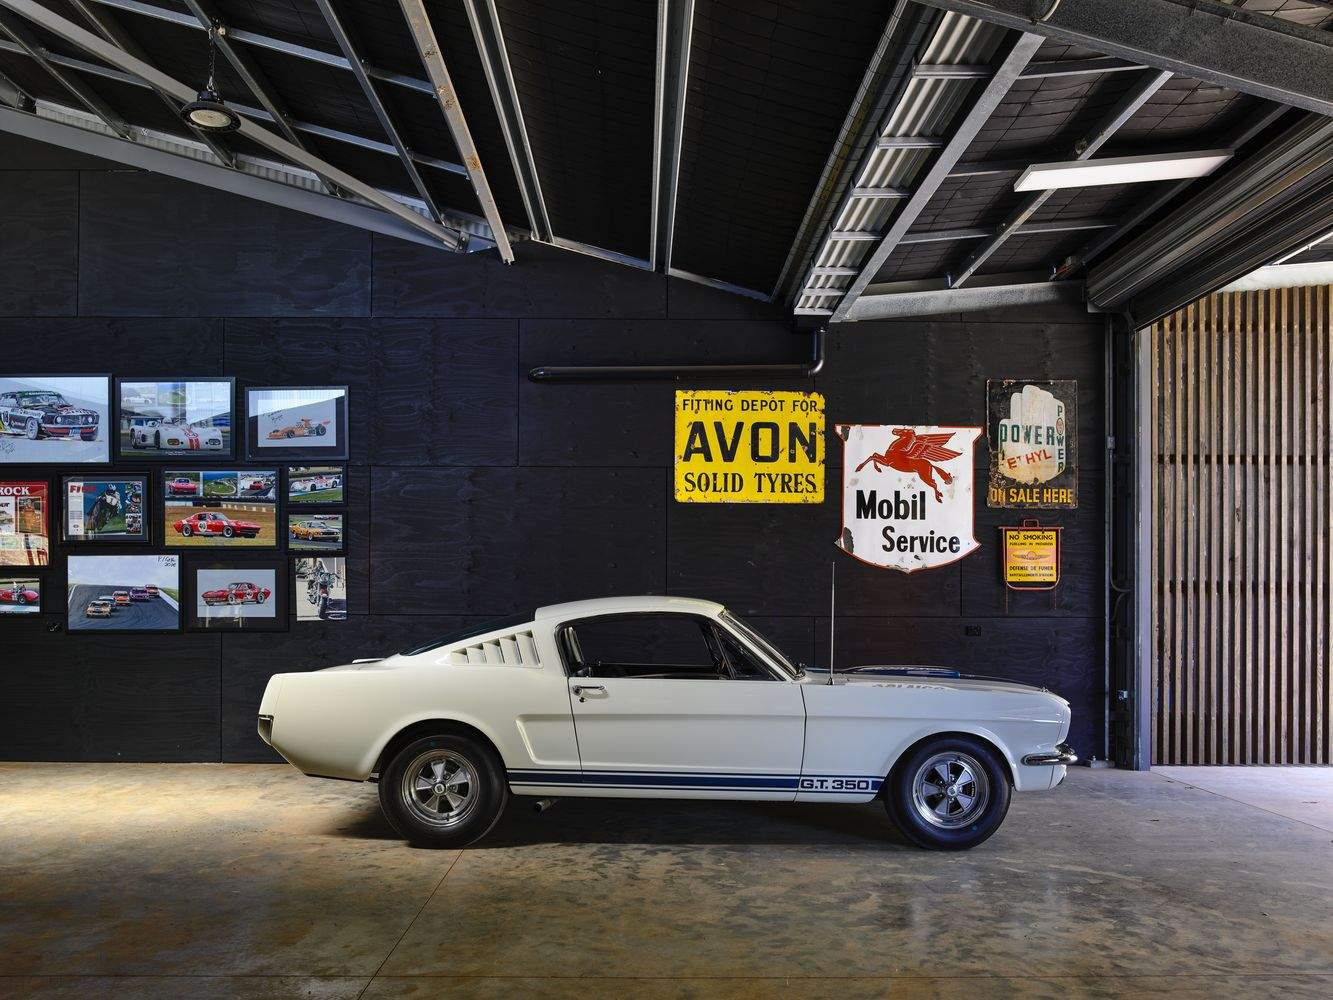 Фермерский дом для коллекционера старинных автомобилей и уникальных вещей, Австралия